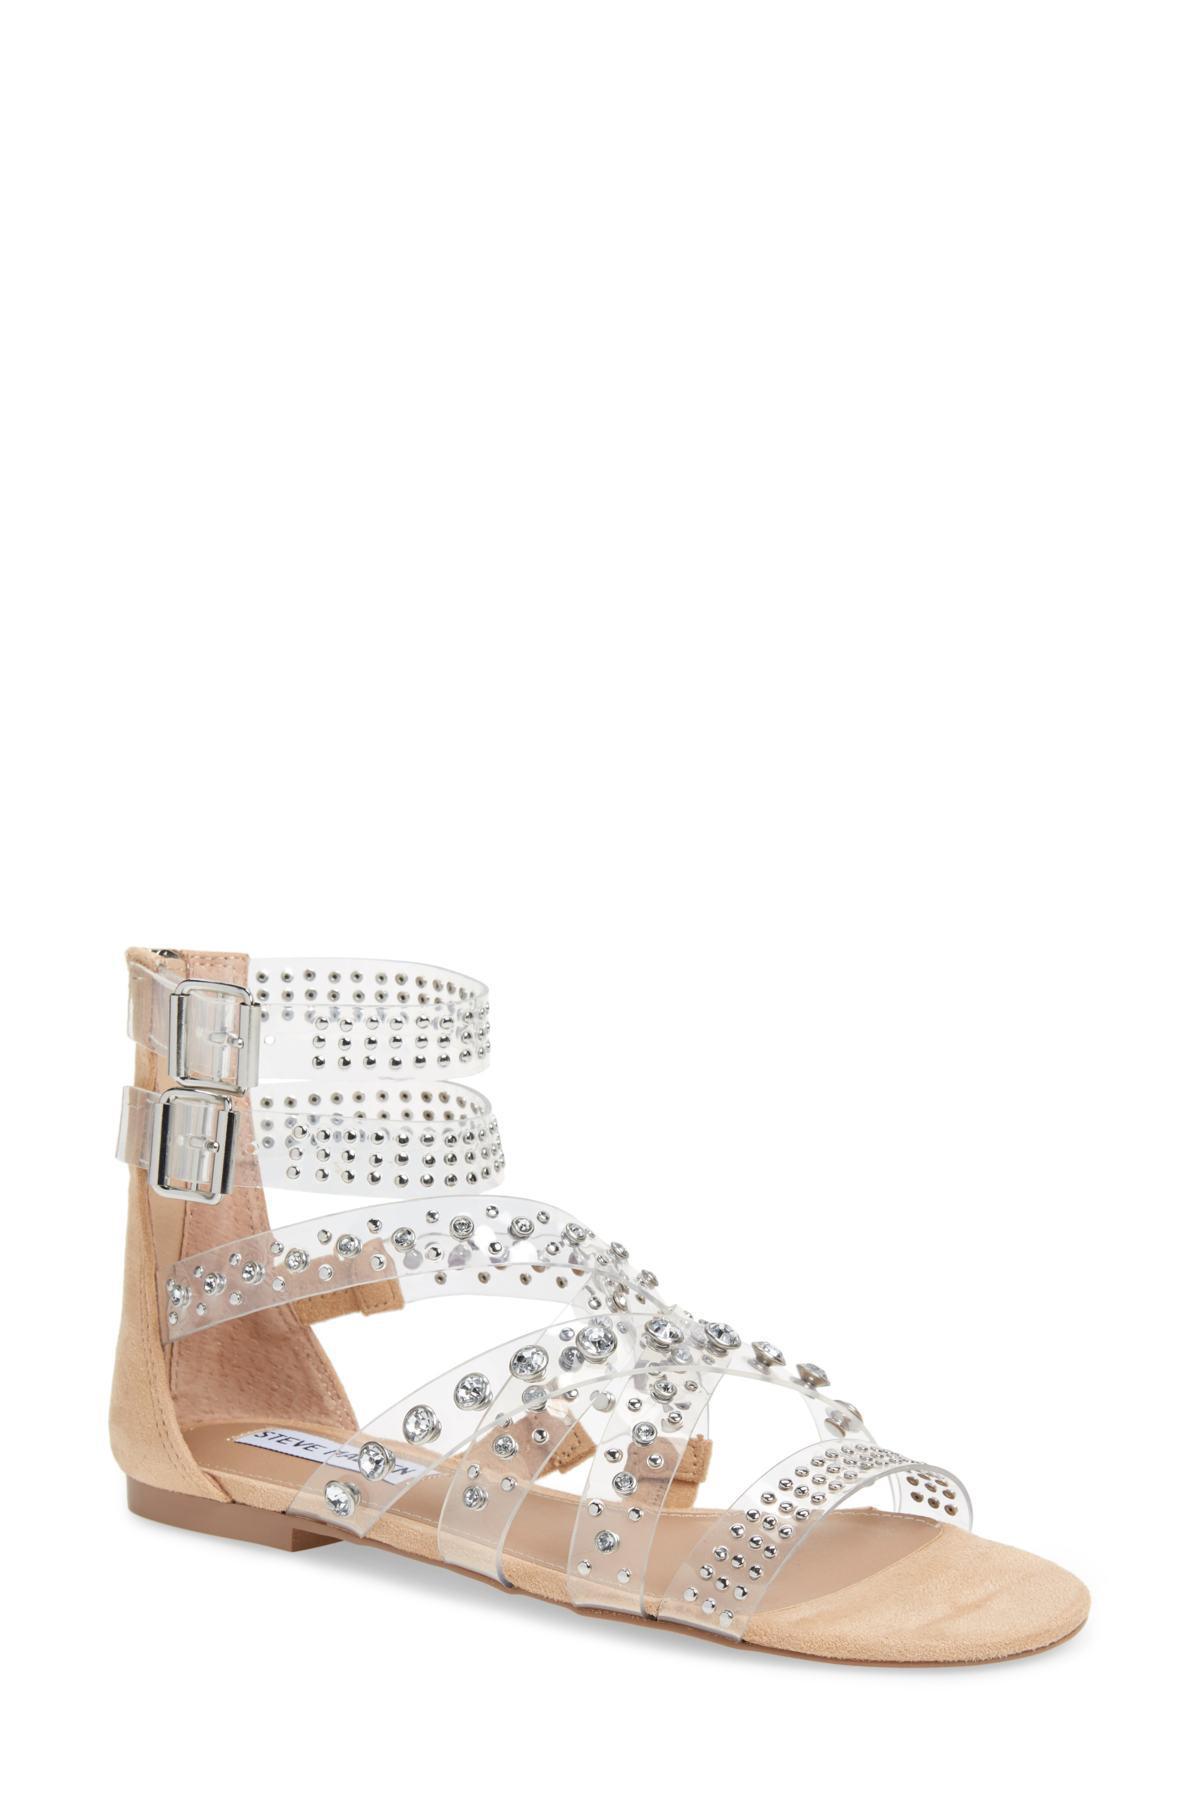 170179df9e5 Lyst - Steve Madden Shift Embellished Gladiator Sandal (women) in White